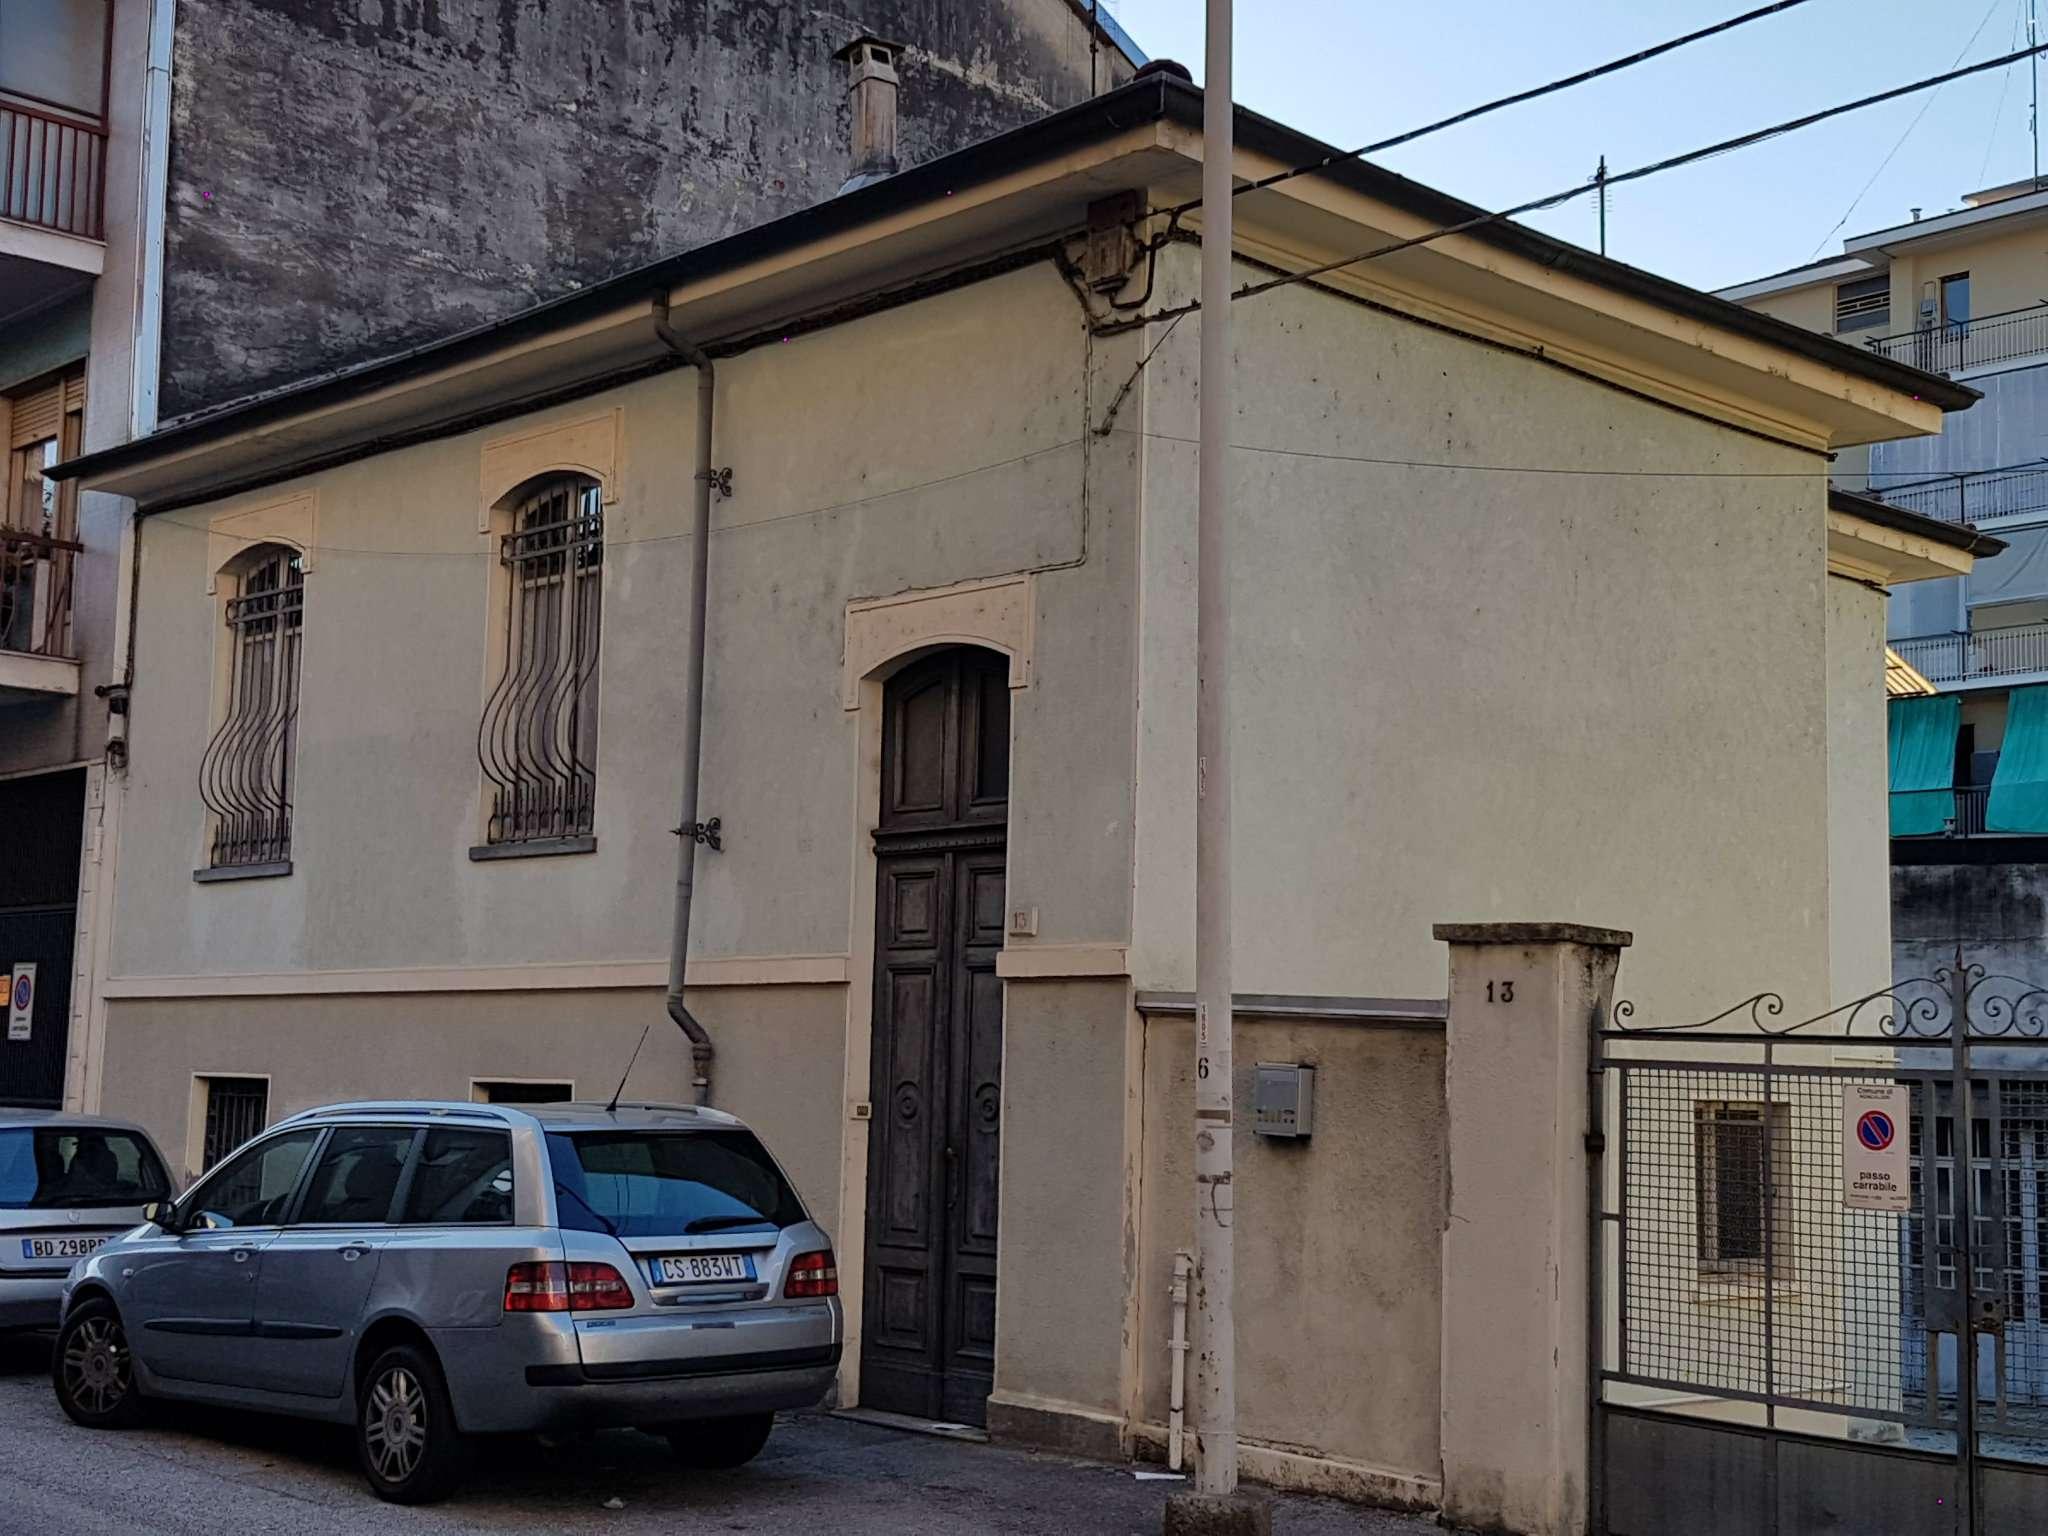 Aurora immobilare srl affitto e vendita immobili for Affitto moncalieri privato arredato